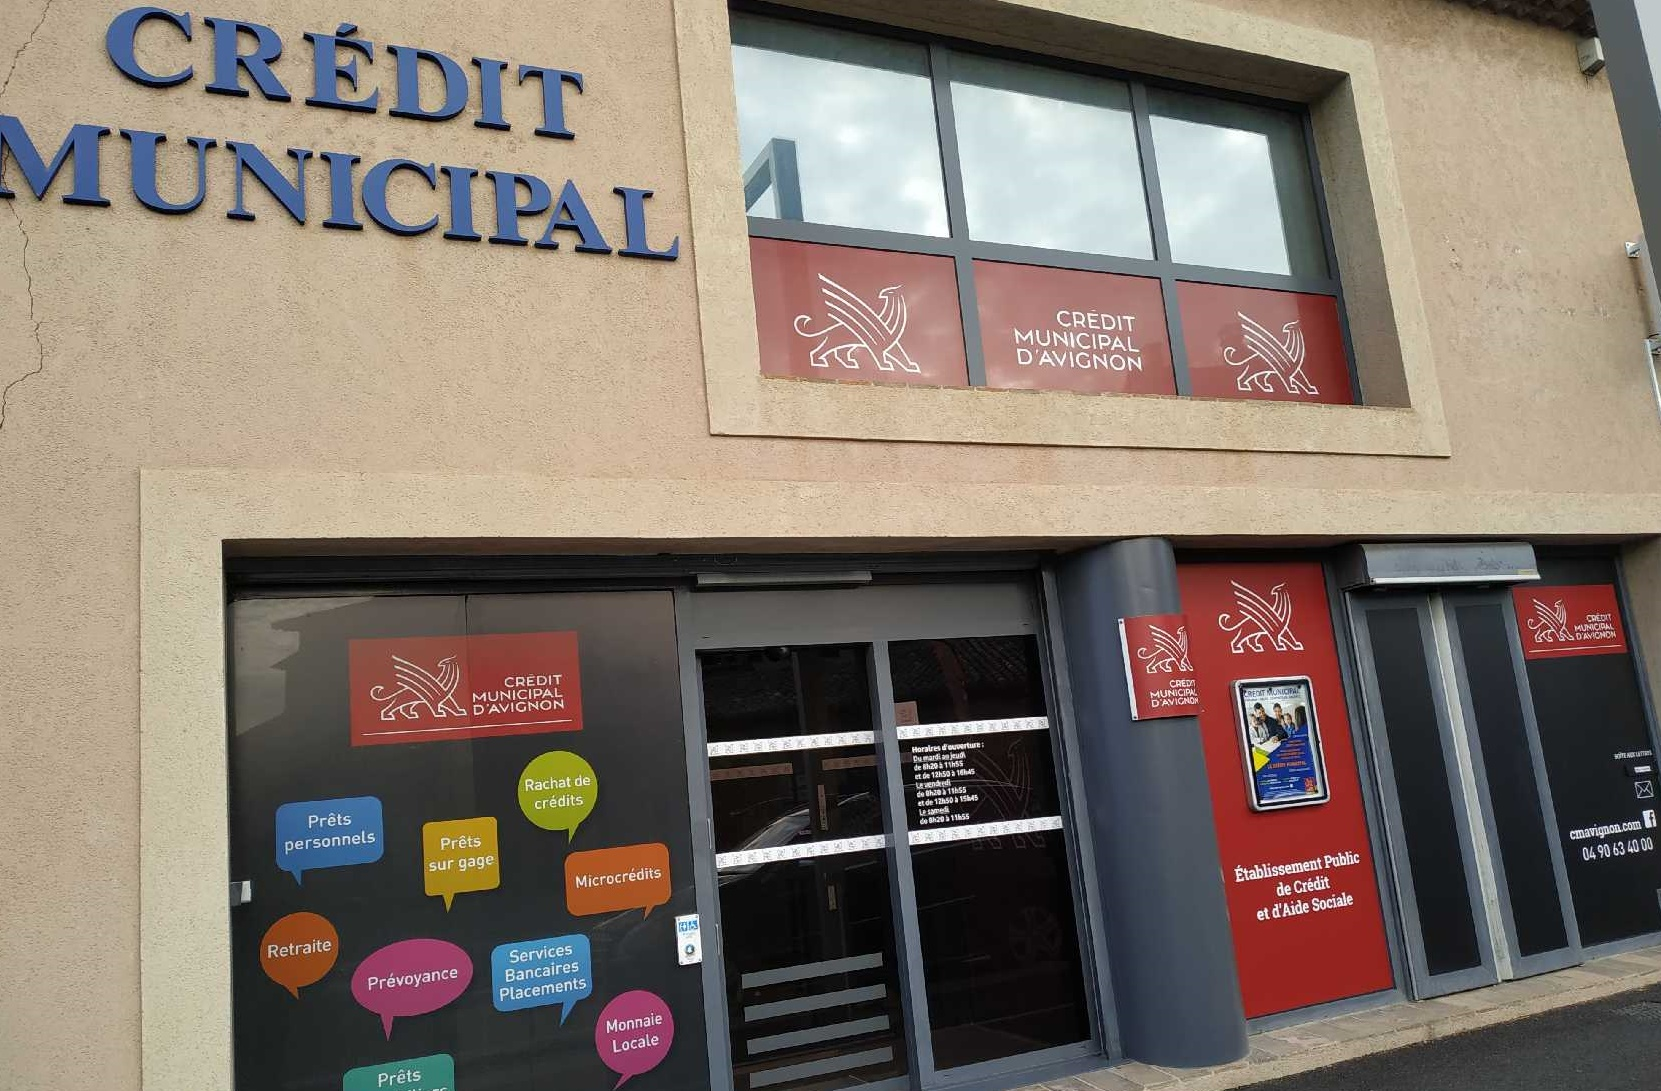 Devanture agence du Credit Municipal de Crapentras avec nouvelle charte graphique rouge et noir